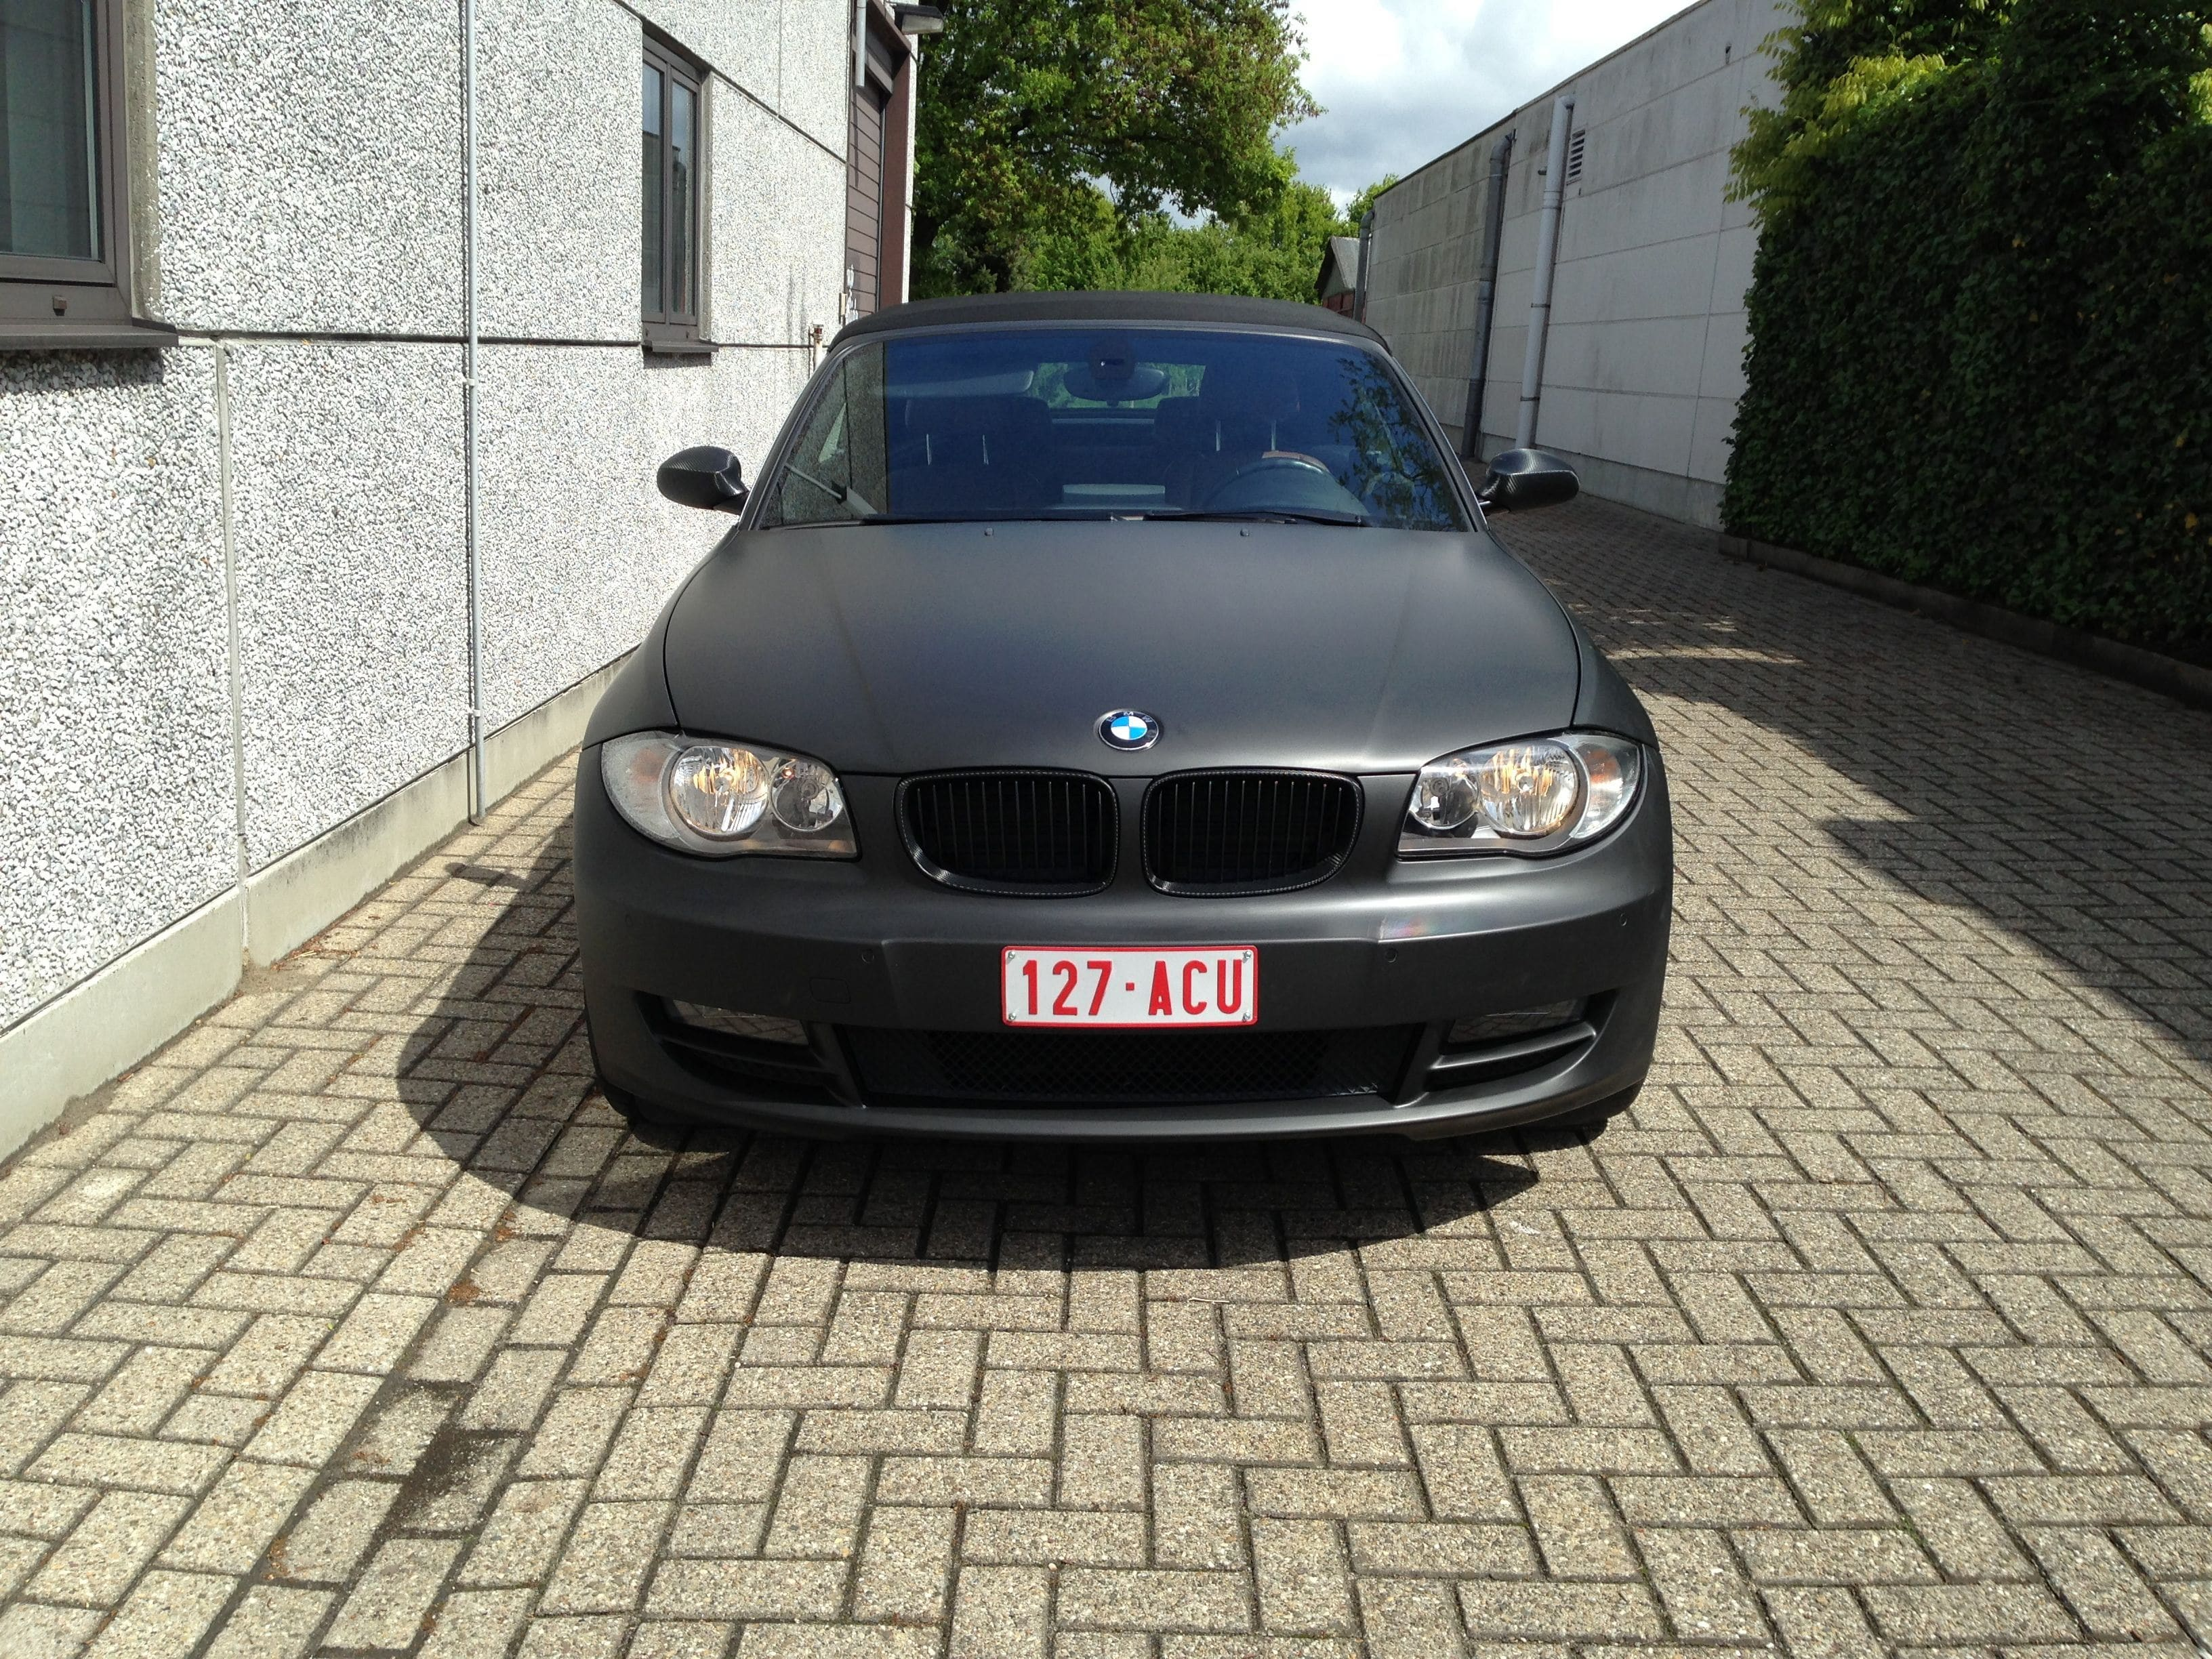 BMW 1 Serie Cabrio met Mat Zwarte Wrap, Carwrapping door Wrapmyride.nu Foto-nr:5193, ©2021